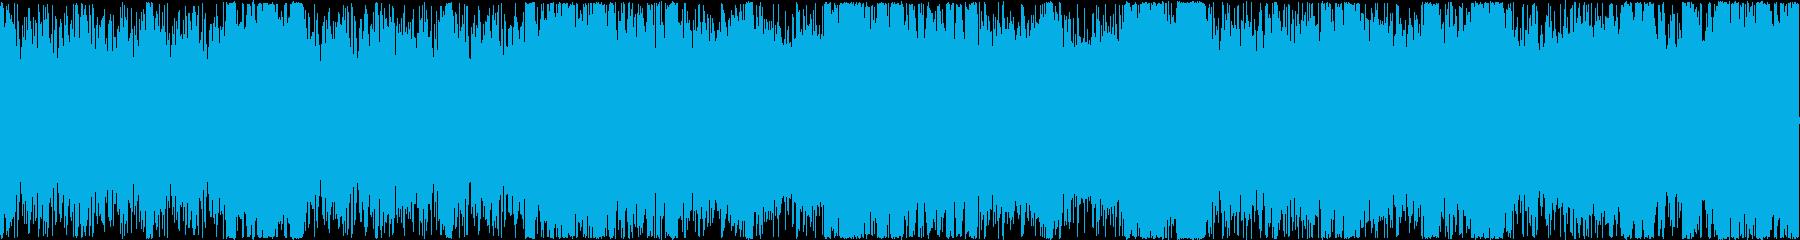 明るく軽快で豪快なオーケストラル ループの再生済みの波形